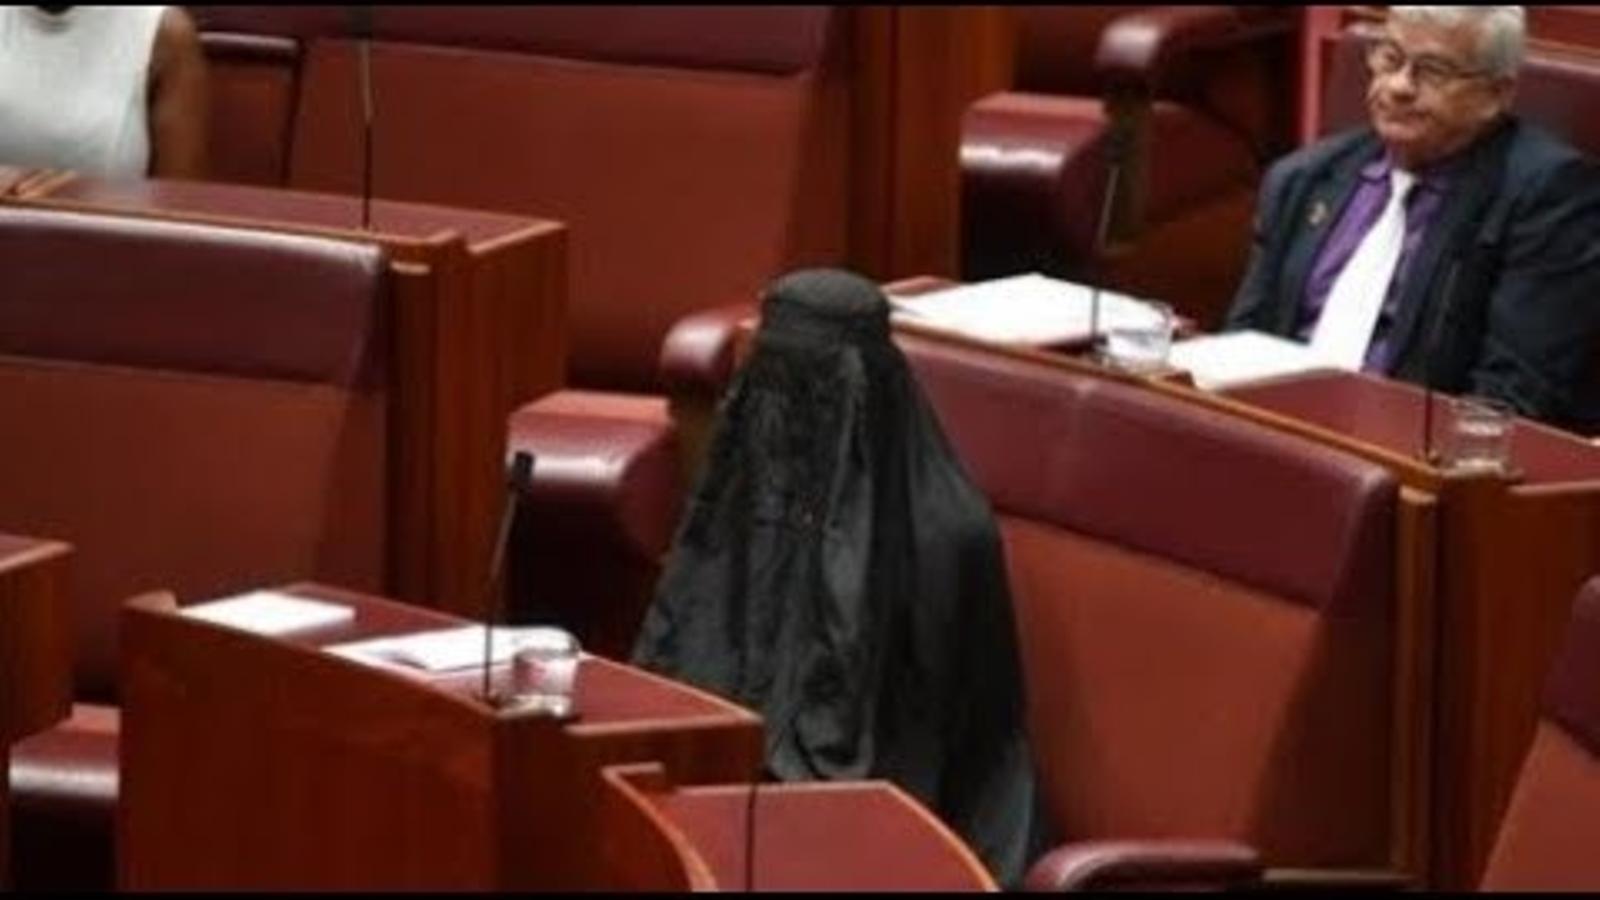 La senadora australiana Pauline Hanson porta un burka en una sessió del parlament